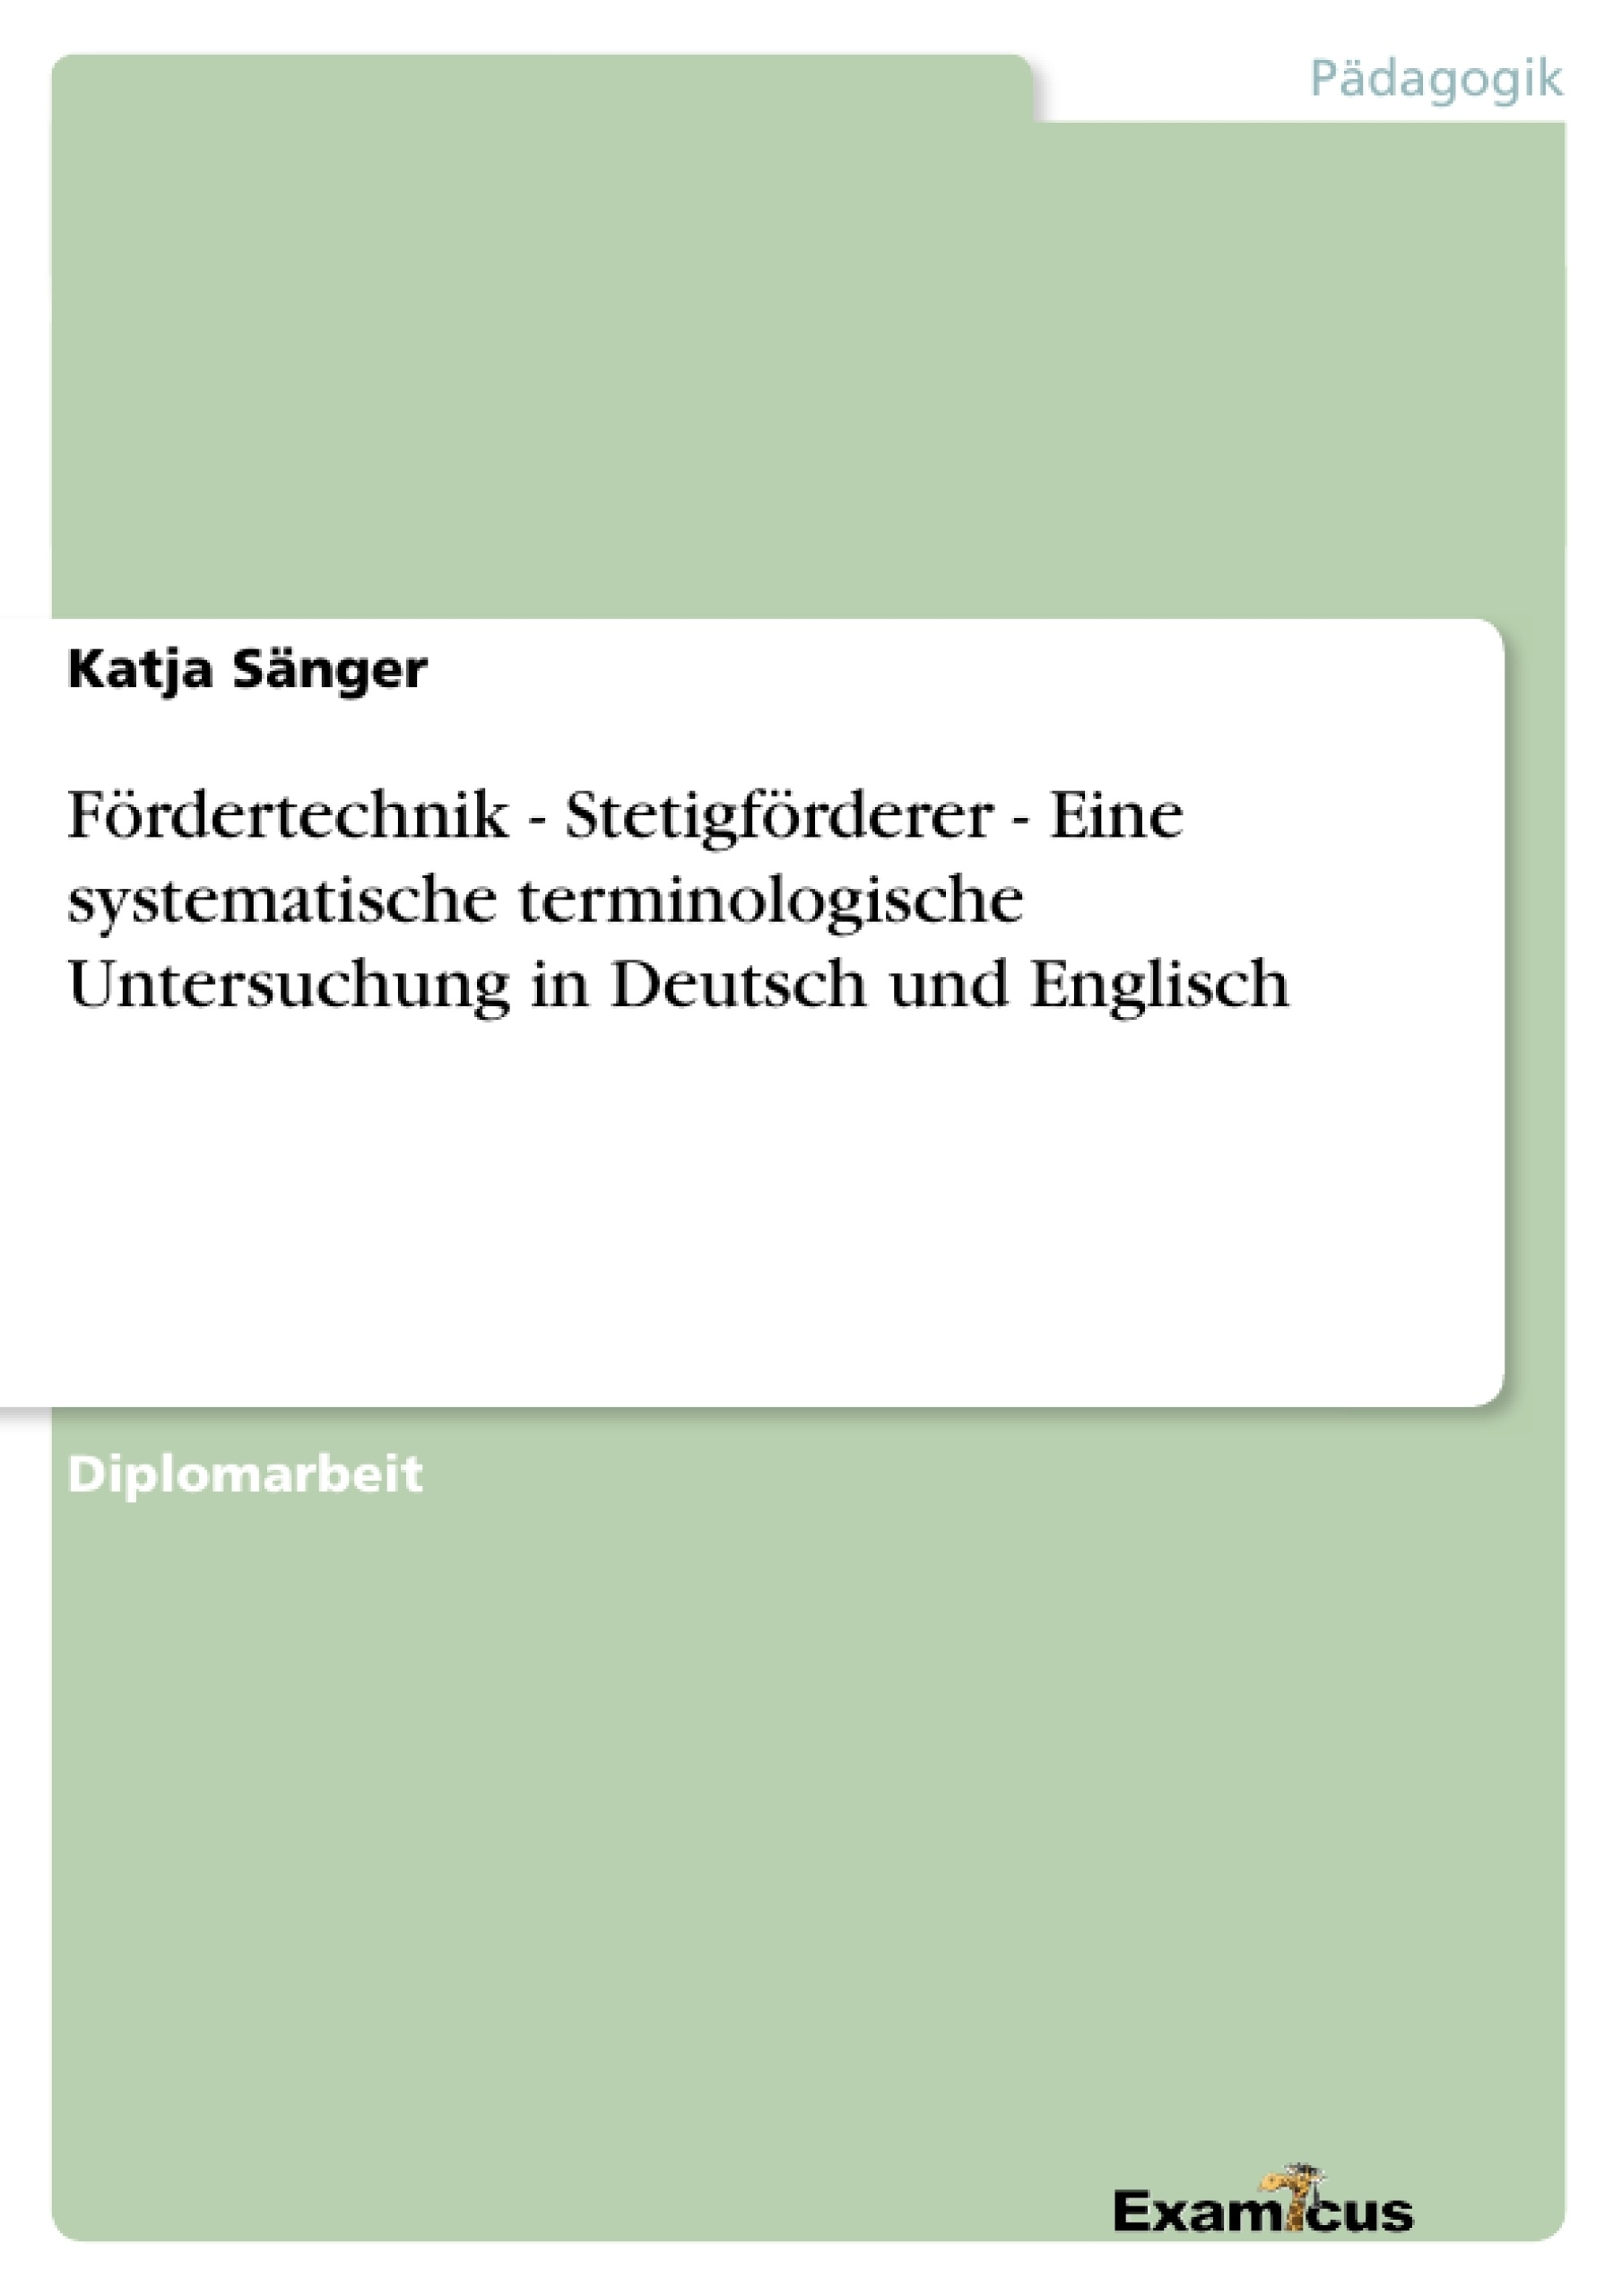 Titel: Fördertechnik - Stetigförderer - Eine systematische terminologische Untersuchung in Deutsch und Englisch